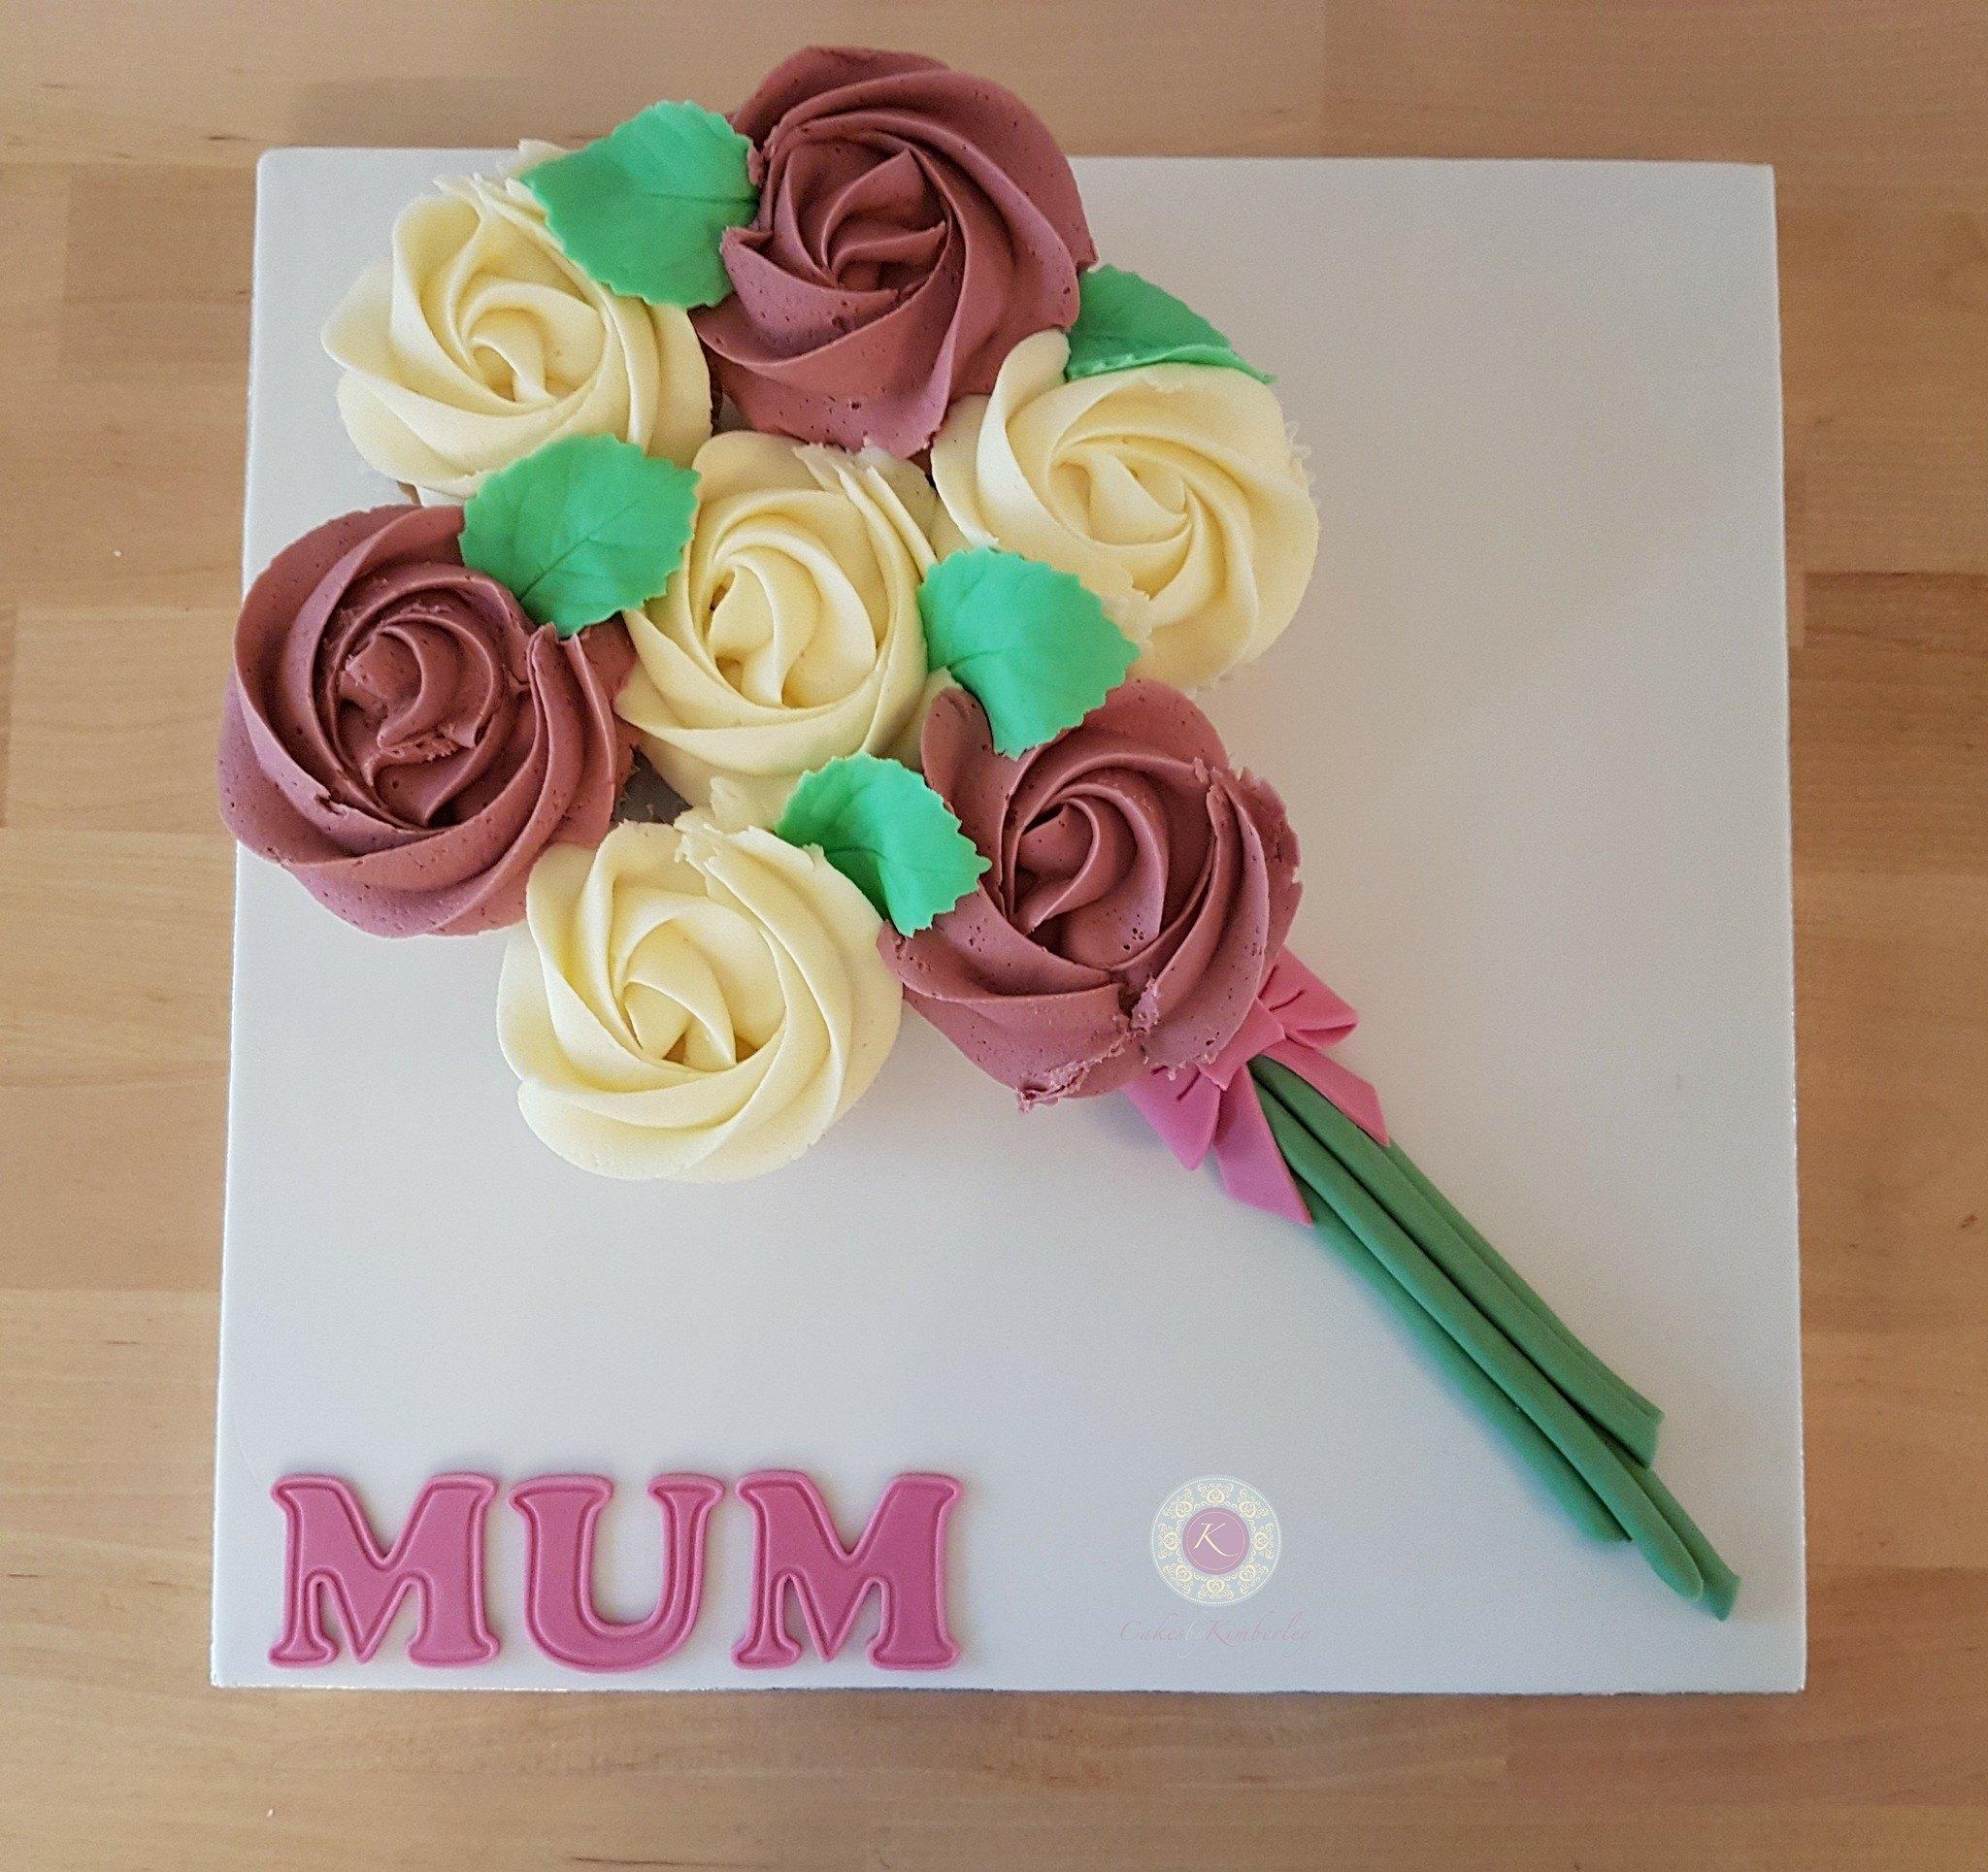 flower bouquet board